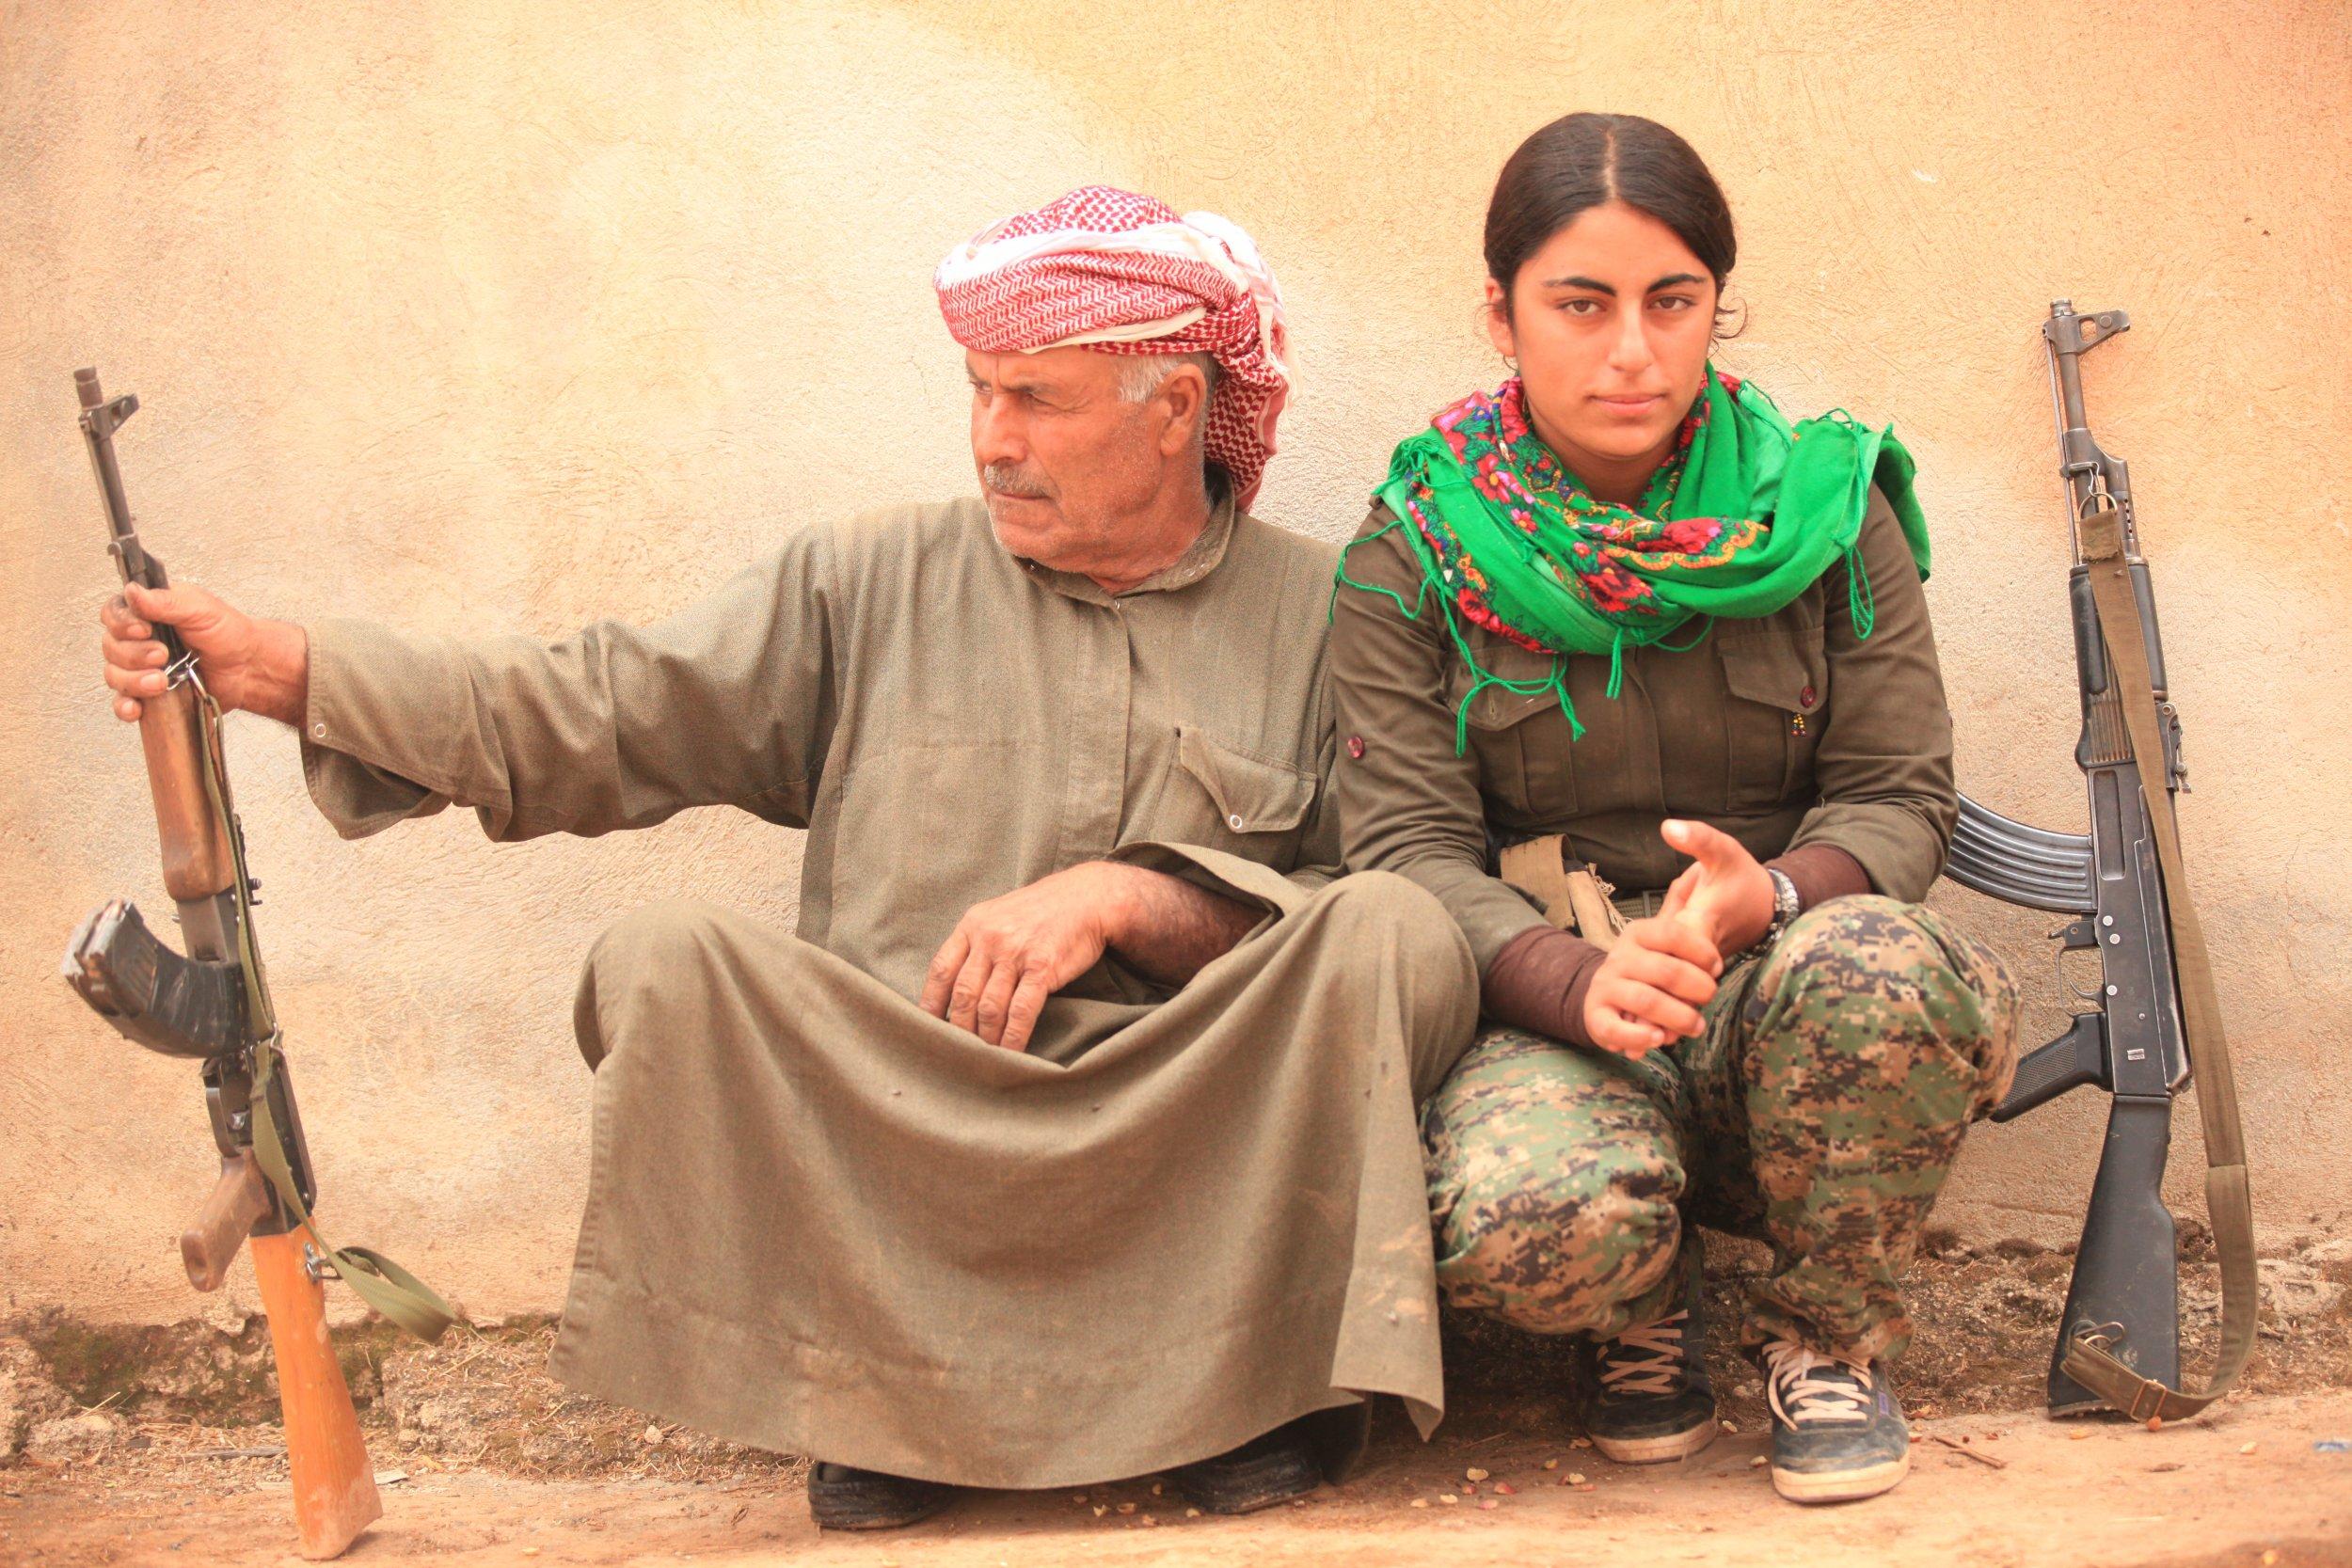 Kurd FD